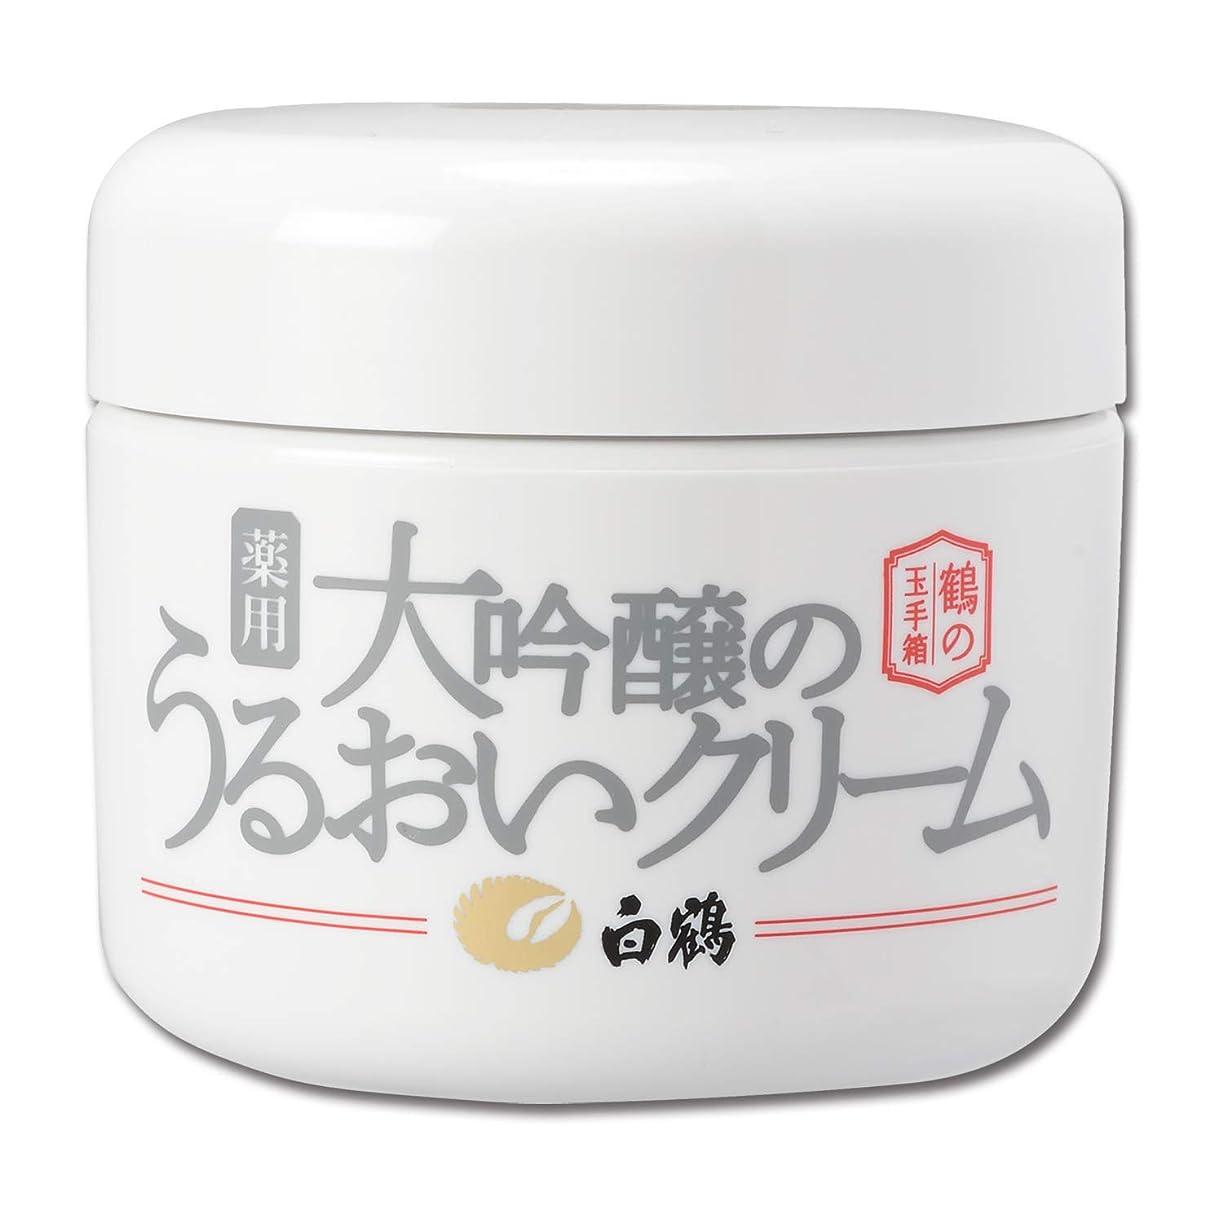 一回取り消す剥離白鶴 鶴の玉手箱 薬用 大吟醸のうるおいクリーム 90g (オールインワン/医薬部外品)